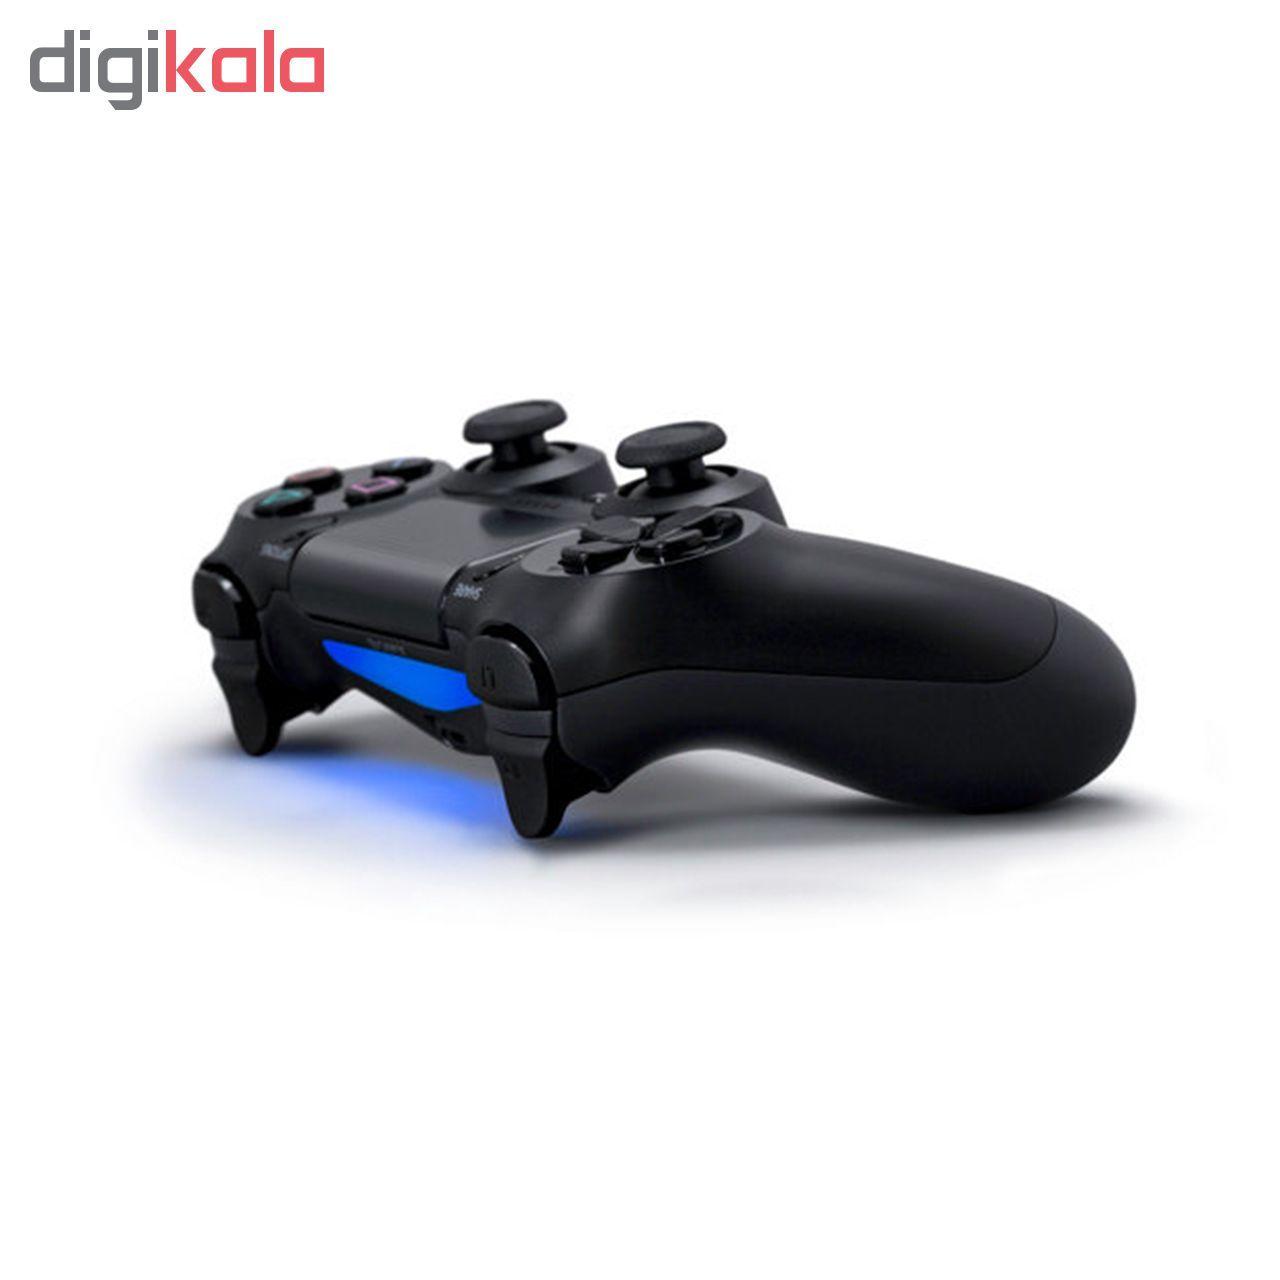 کنسول بازی سونی مدل Playstation 4 Slim کد Region 2 CUH-2216A ظرفیت 500 گیگابایت main 1 8